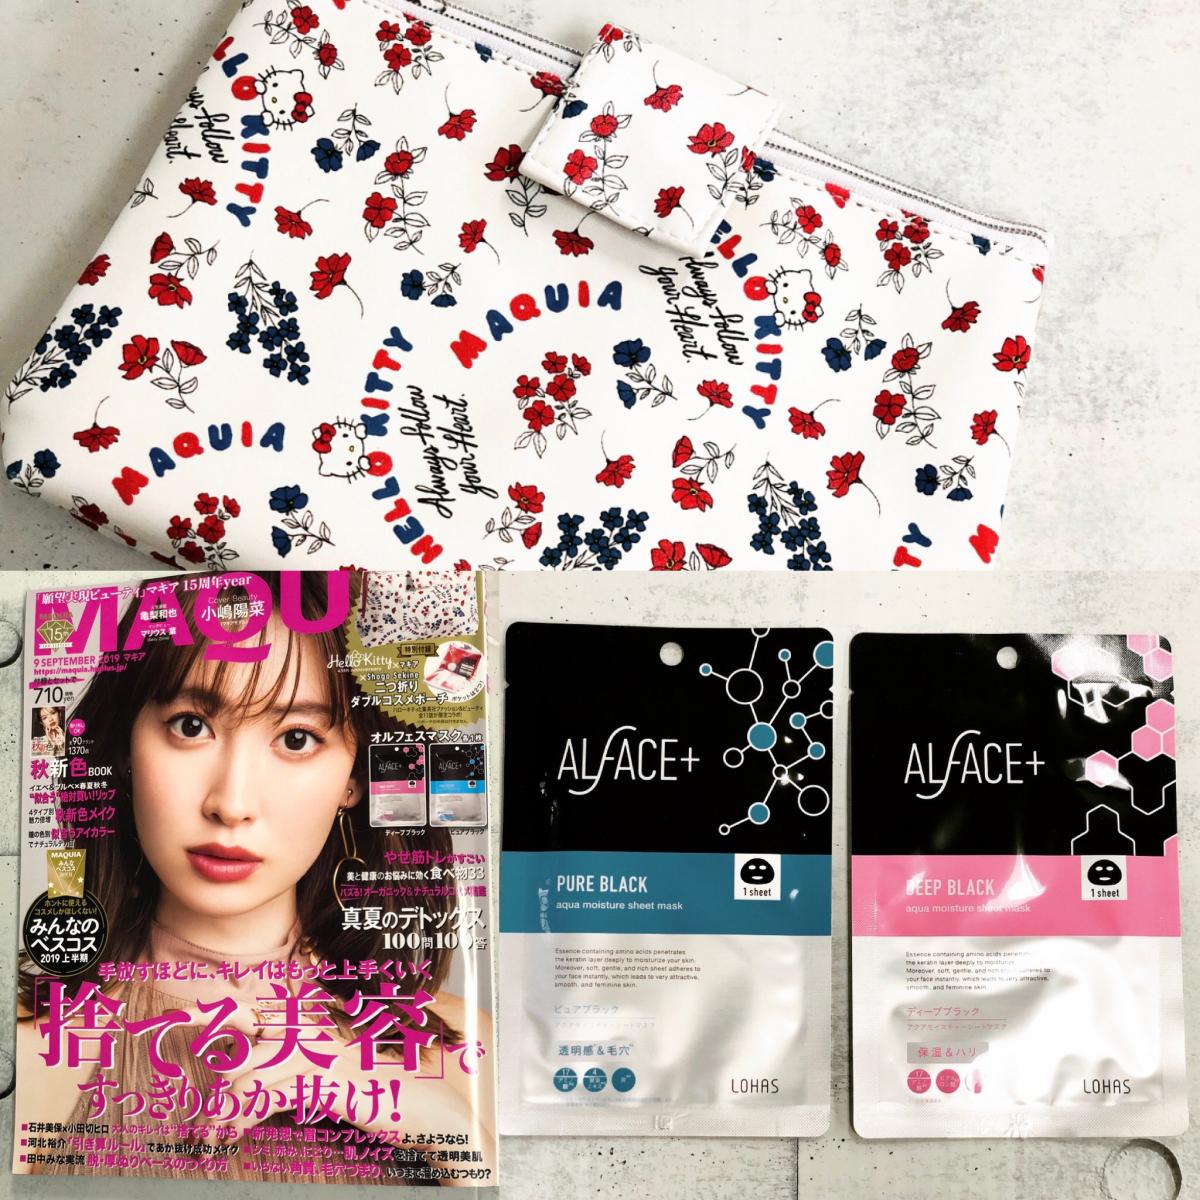 明日発売、MAQUIA(9月号)は小嶋陽菜さんが目印。  大特集! 捨てる美容にみんなのベスコス2019上半期!秋の新色2019と盛りだくさん